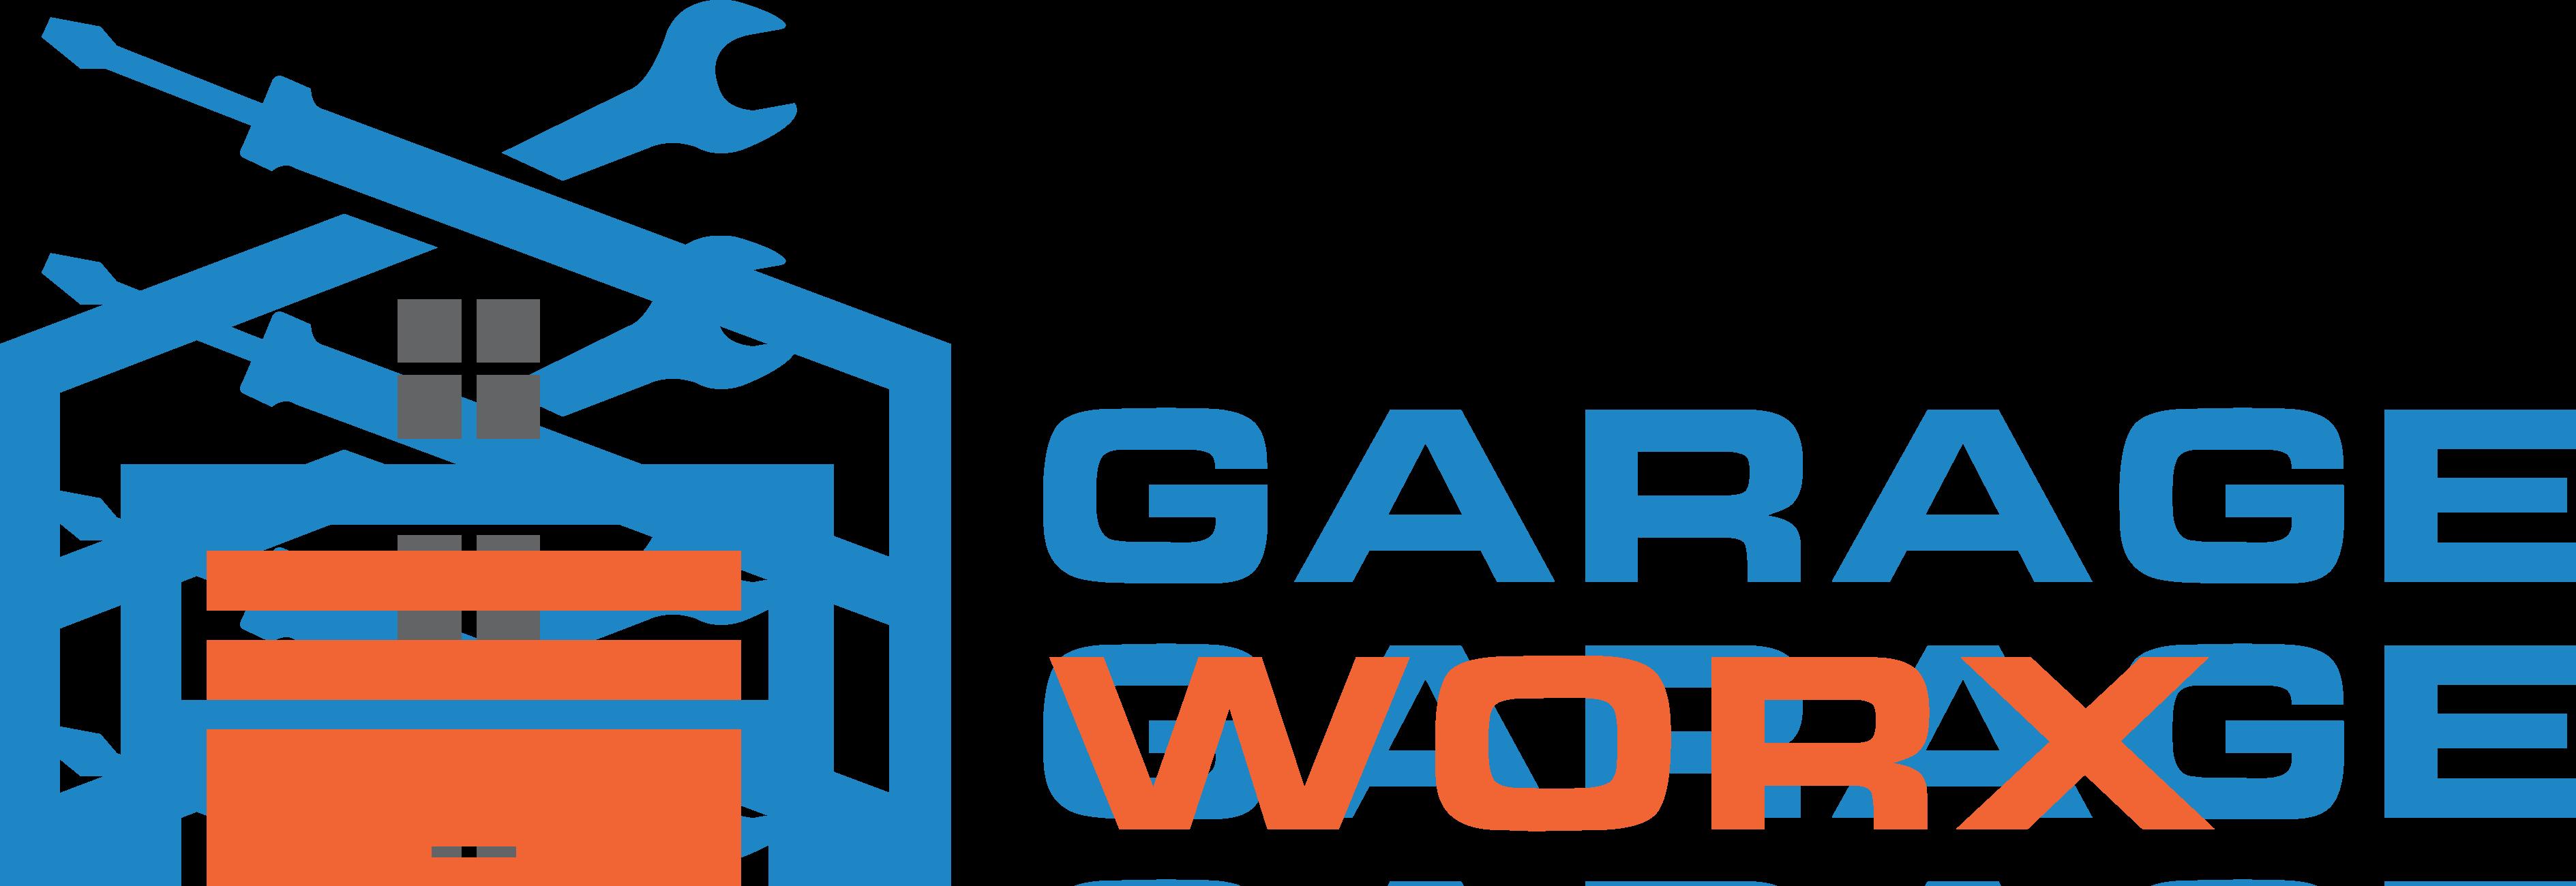 Garage Worx